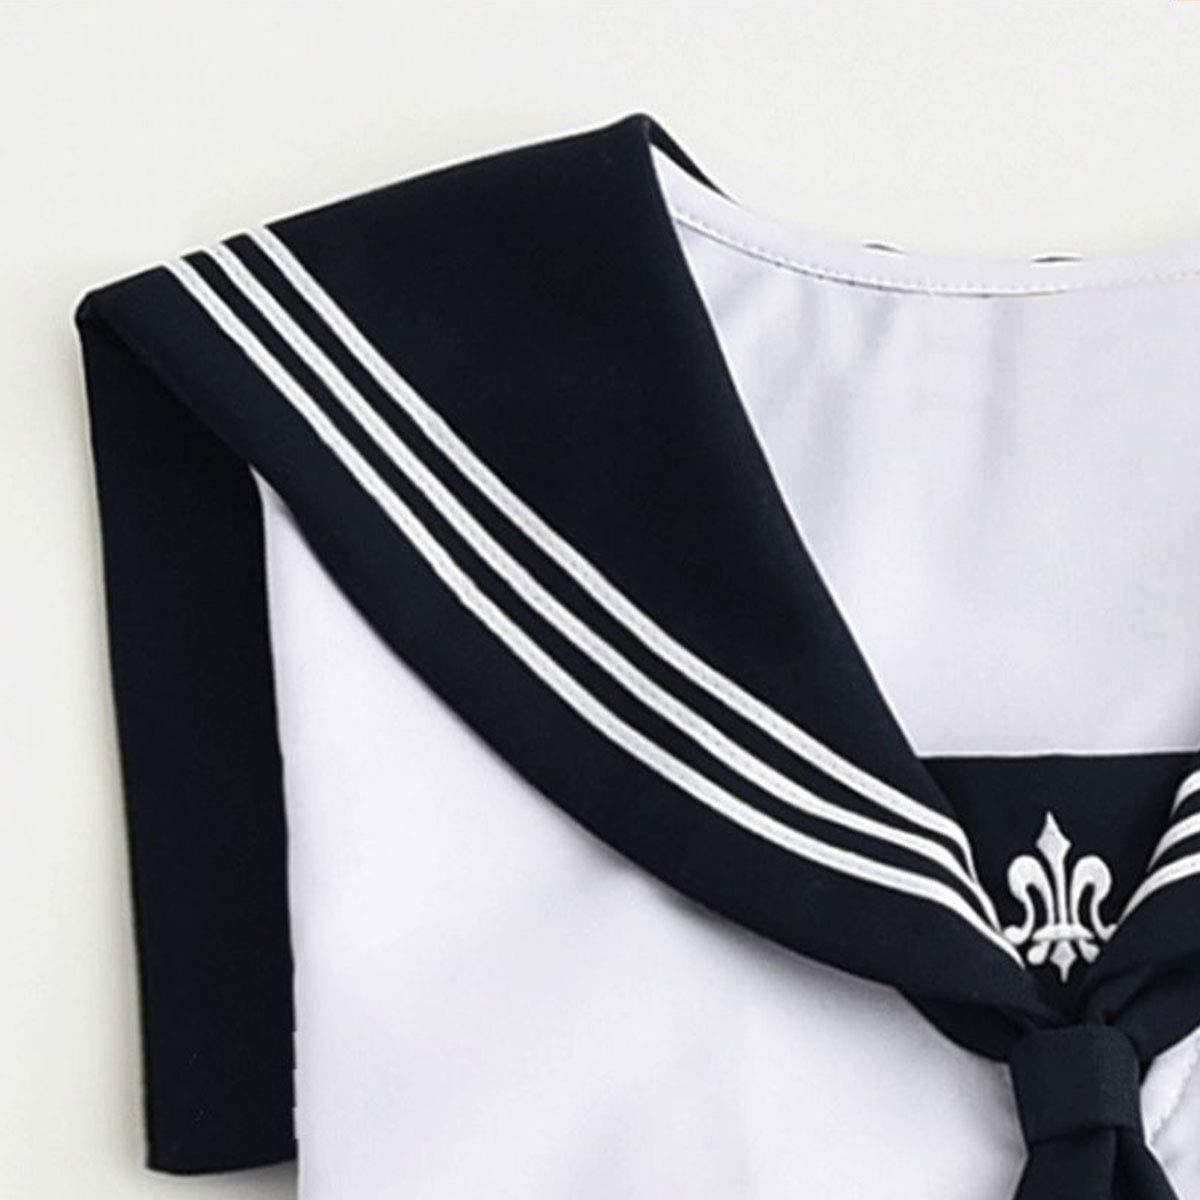 セーラー服 半袖 白+ネイビー コスプレ 本格制服 4点セット(M.白+ネイビー)_画像3